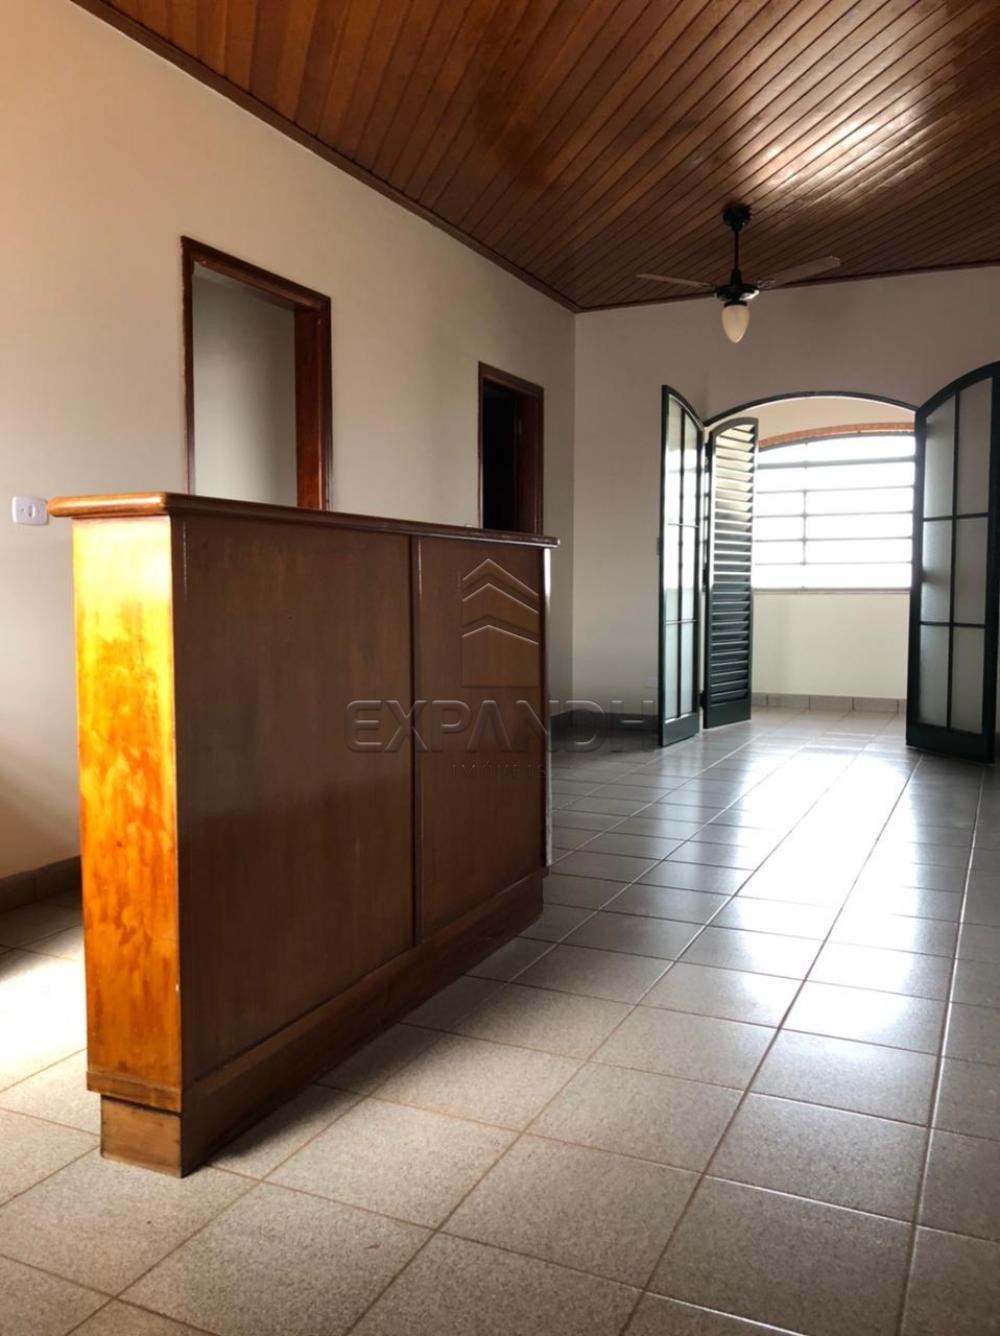 Alugar Casas / Padrão em Sertãozinho R$ 2.700,00 - Foto 14